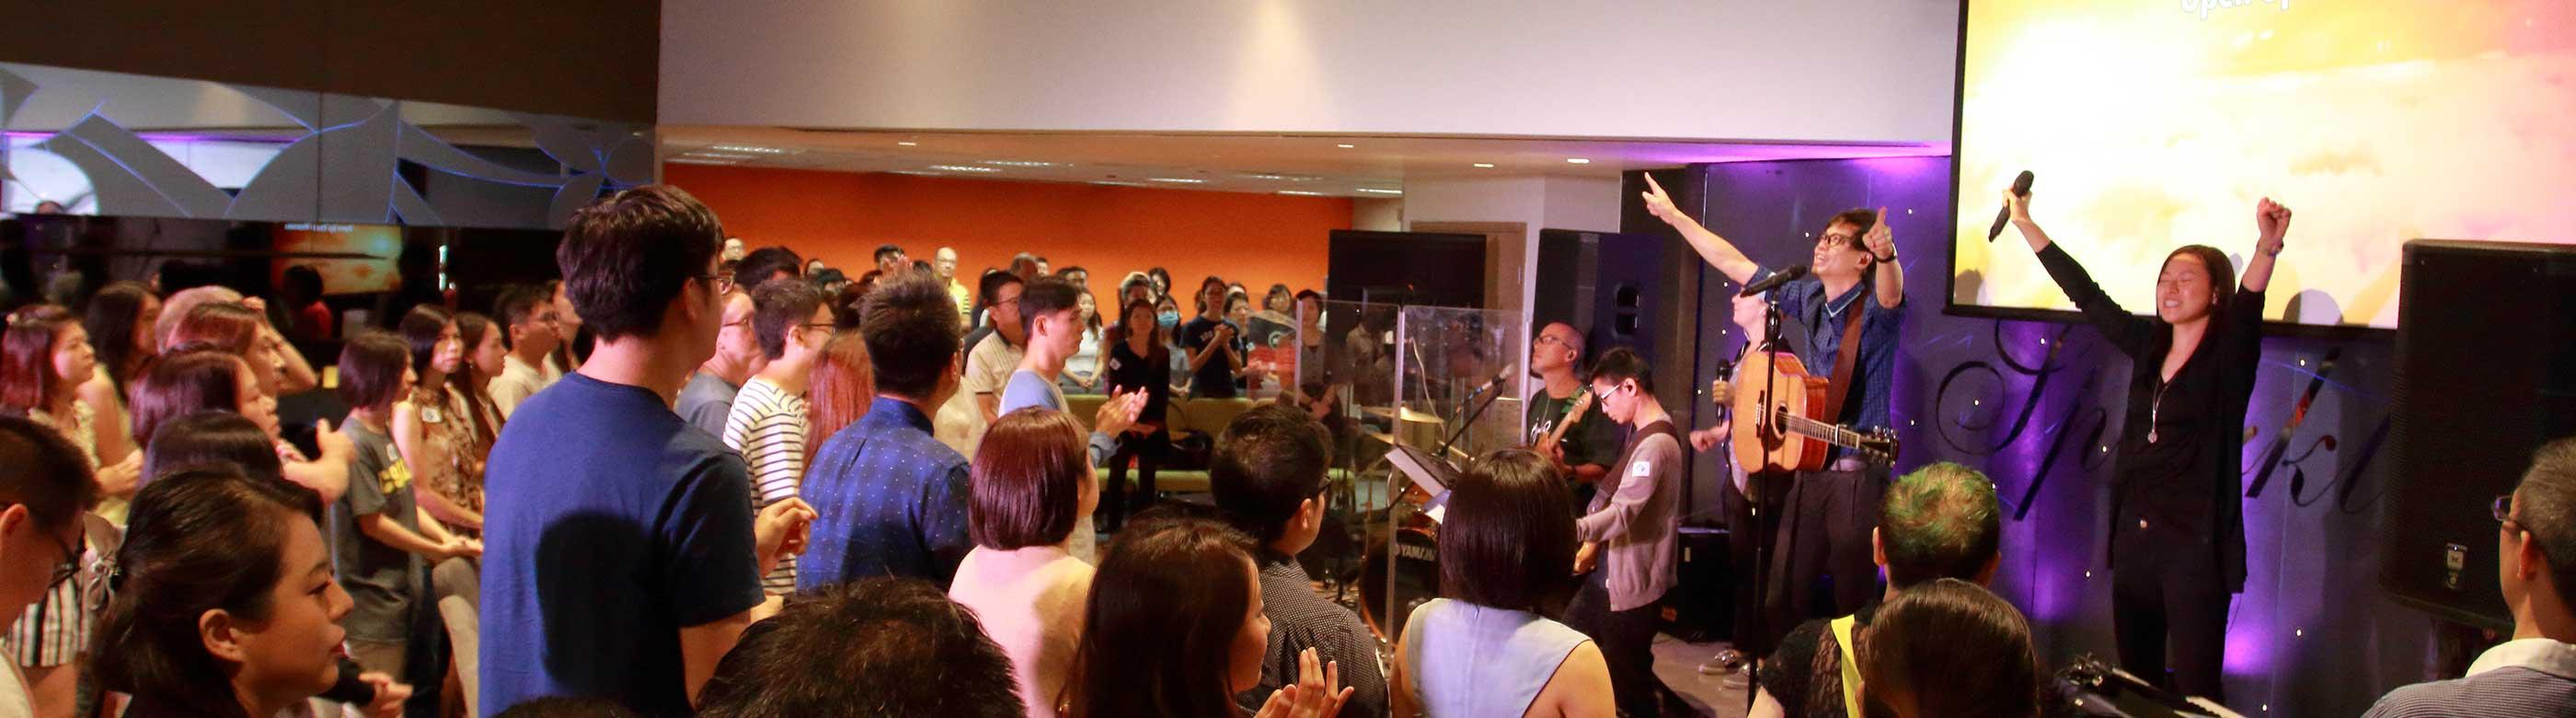 Saddleback Church: Locations: Hong Kong